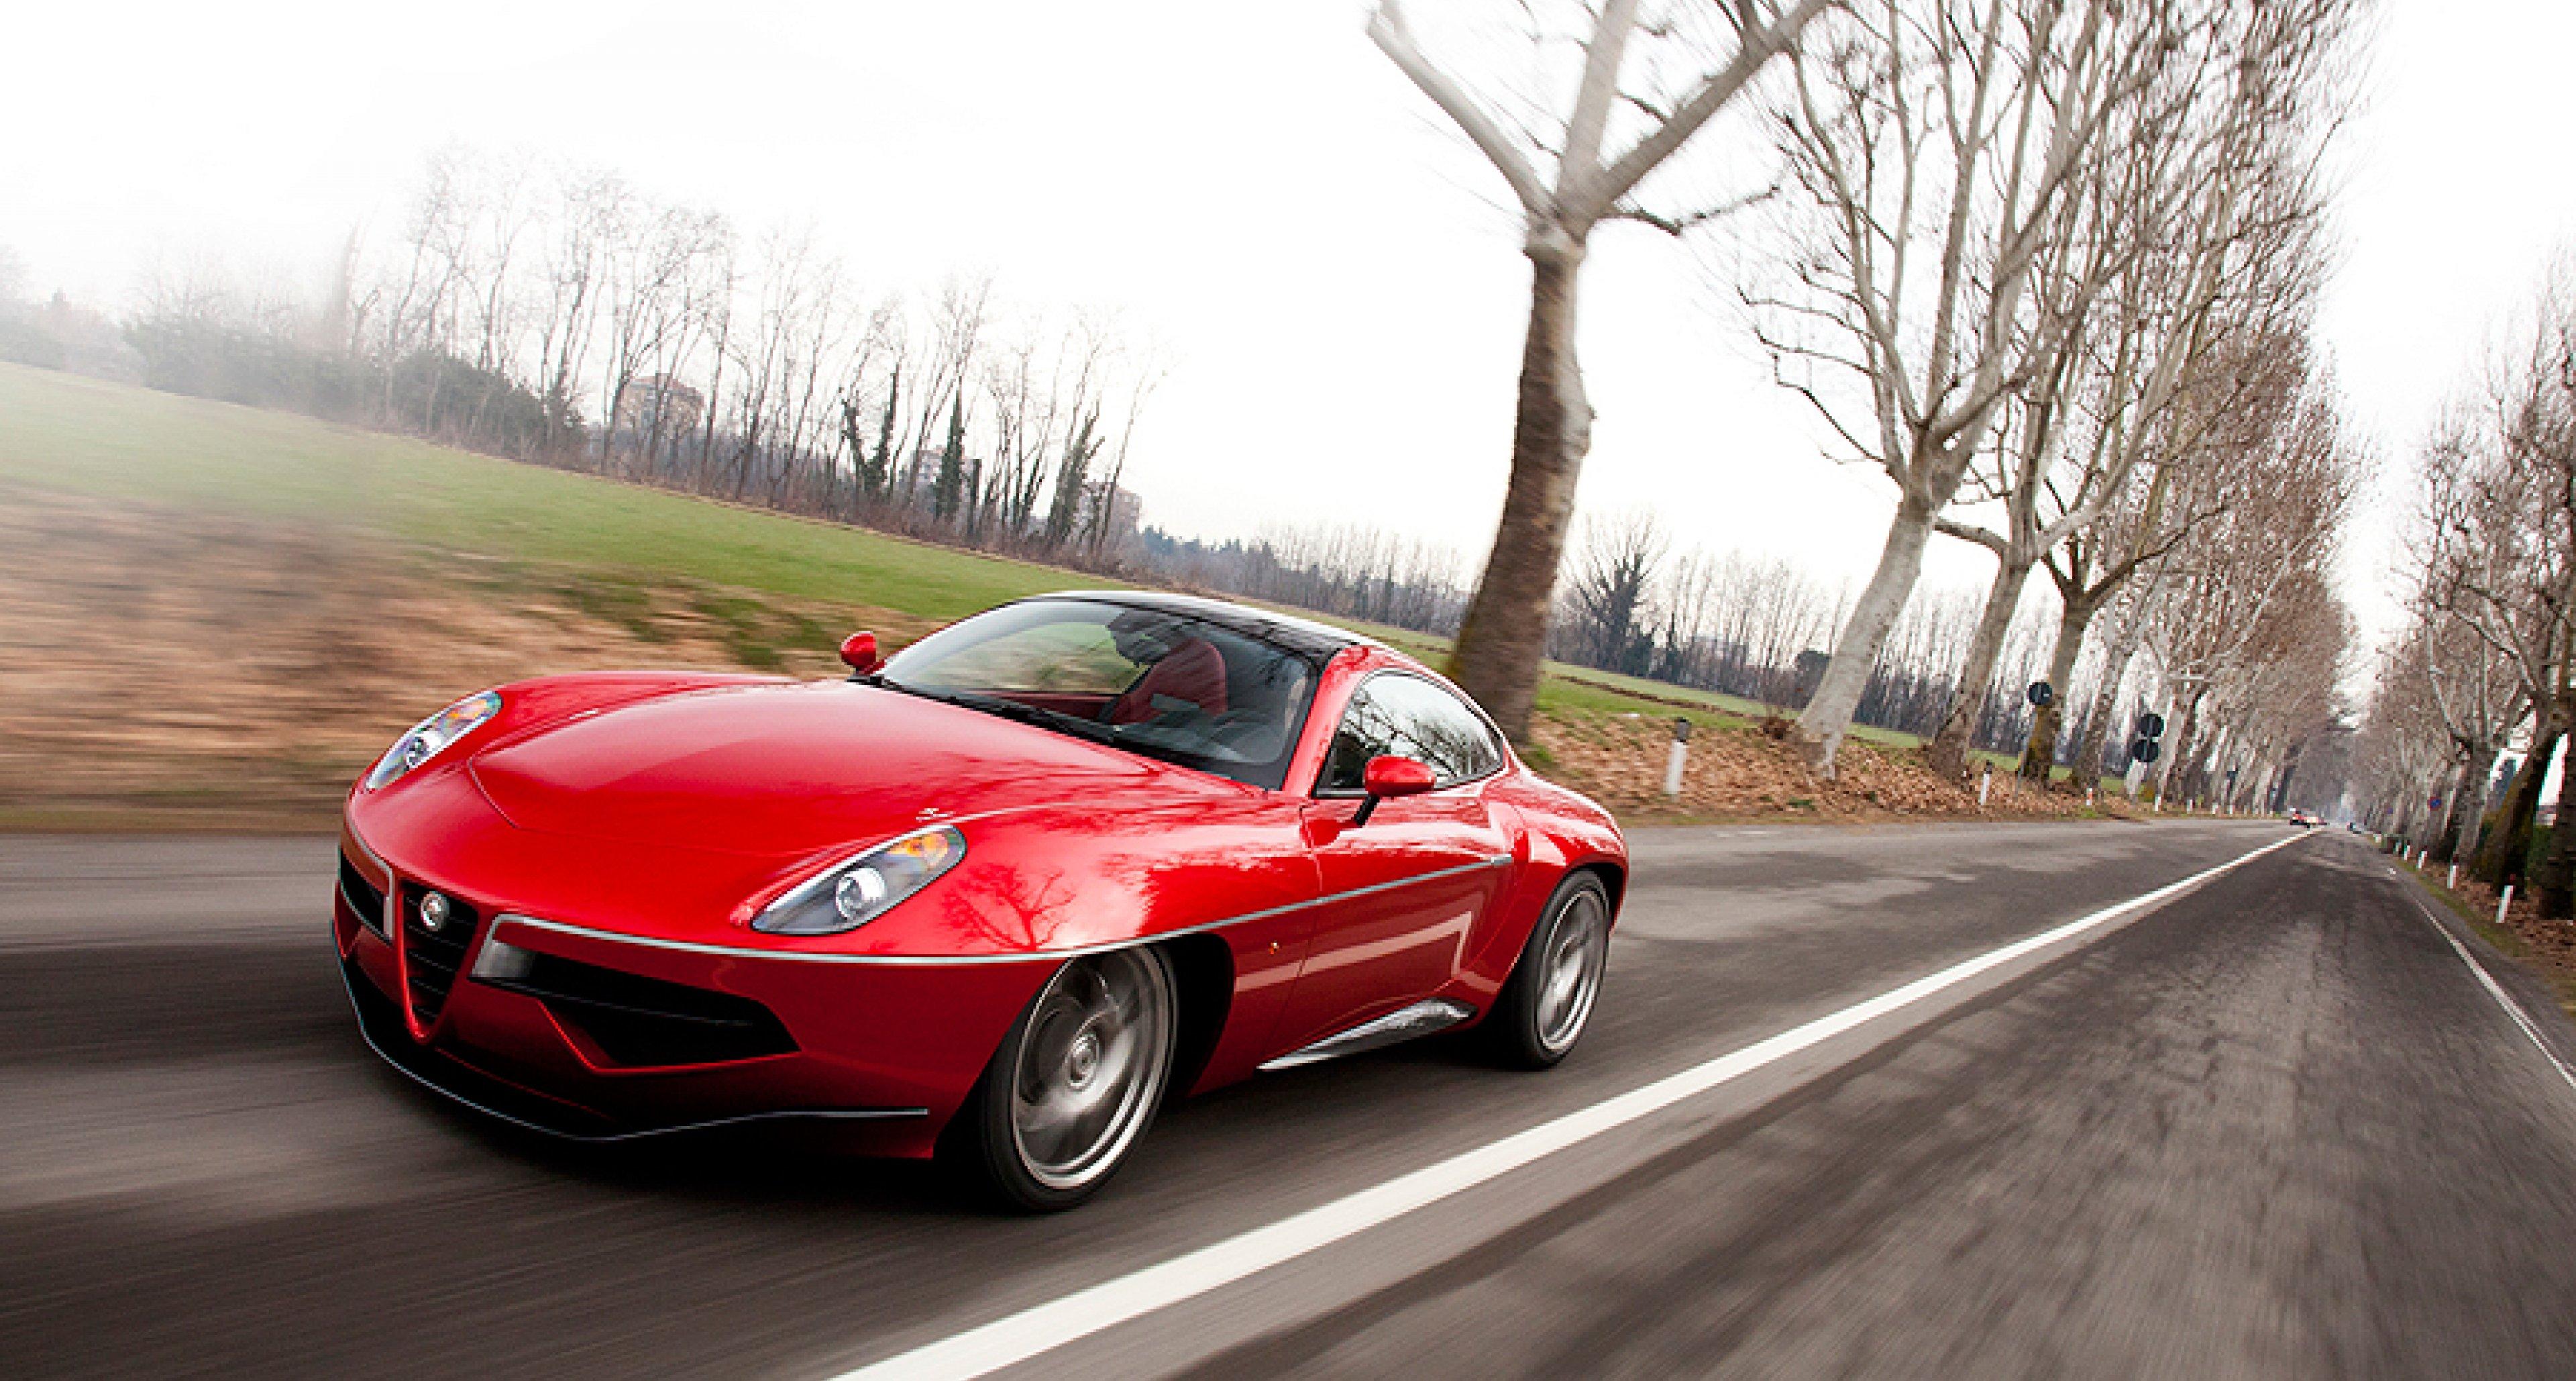 Alfa Romeo Disco Volante >> Driving The New Carrozzeria Touring Disco Volante Classic